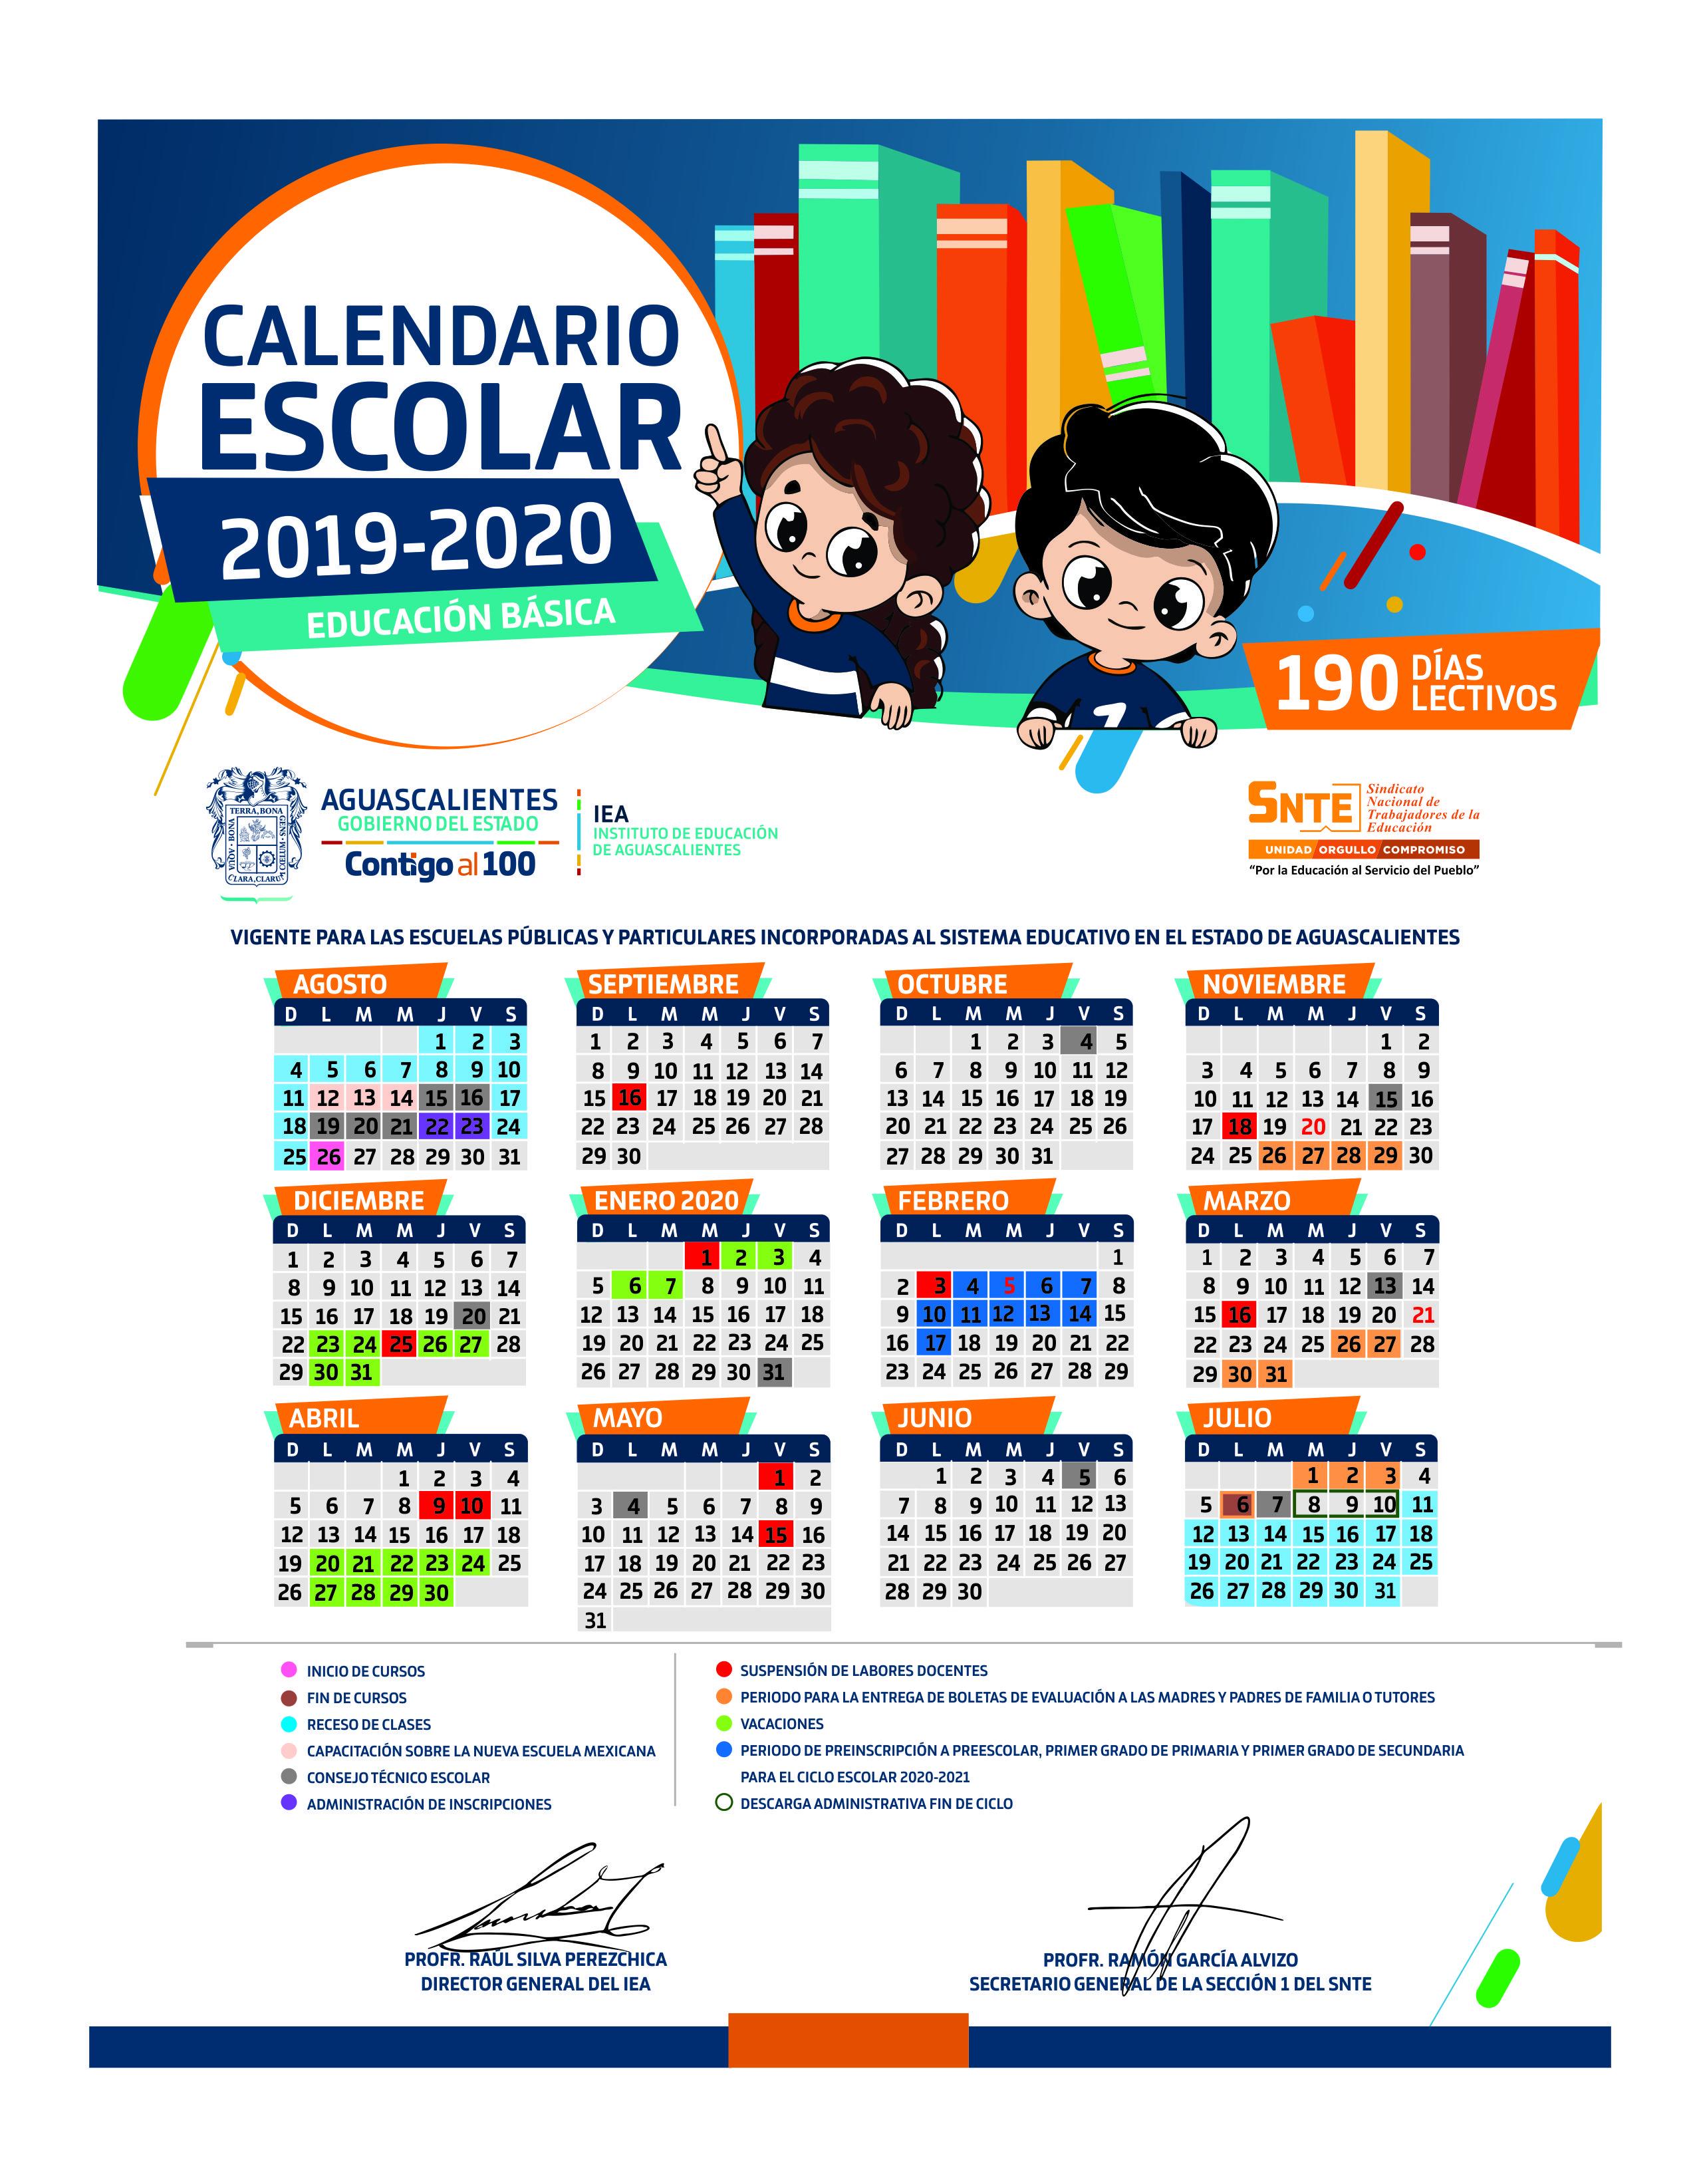 Calendario 2020 Marzo Abril.Calendario Escolar 2019 2020 Contempla Tres Super Puentes